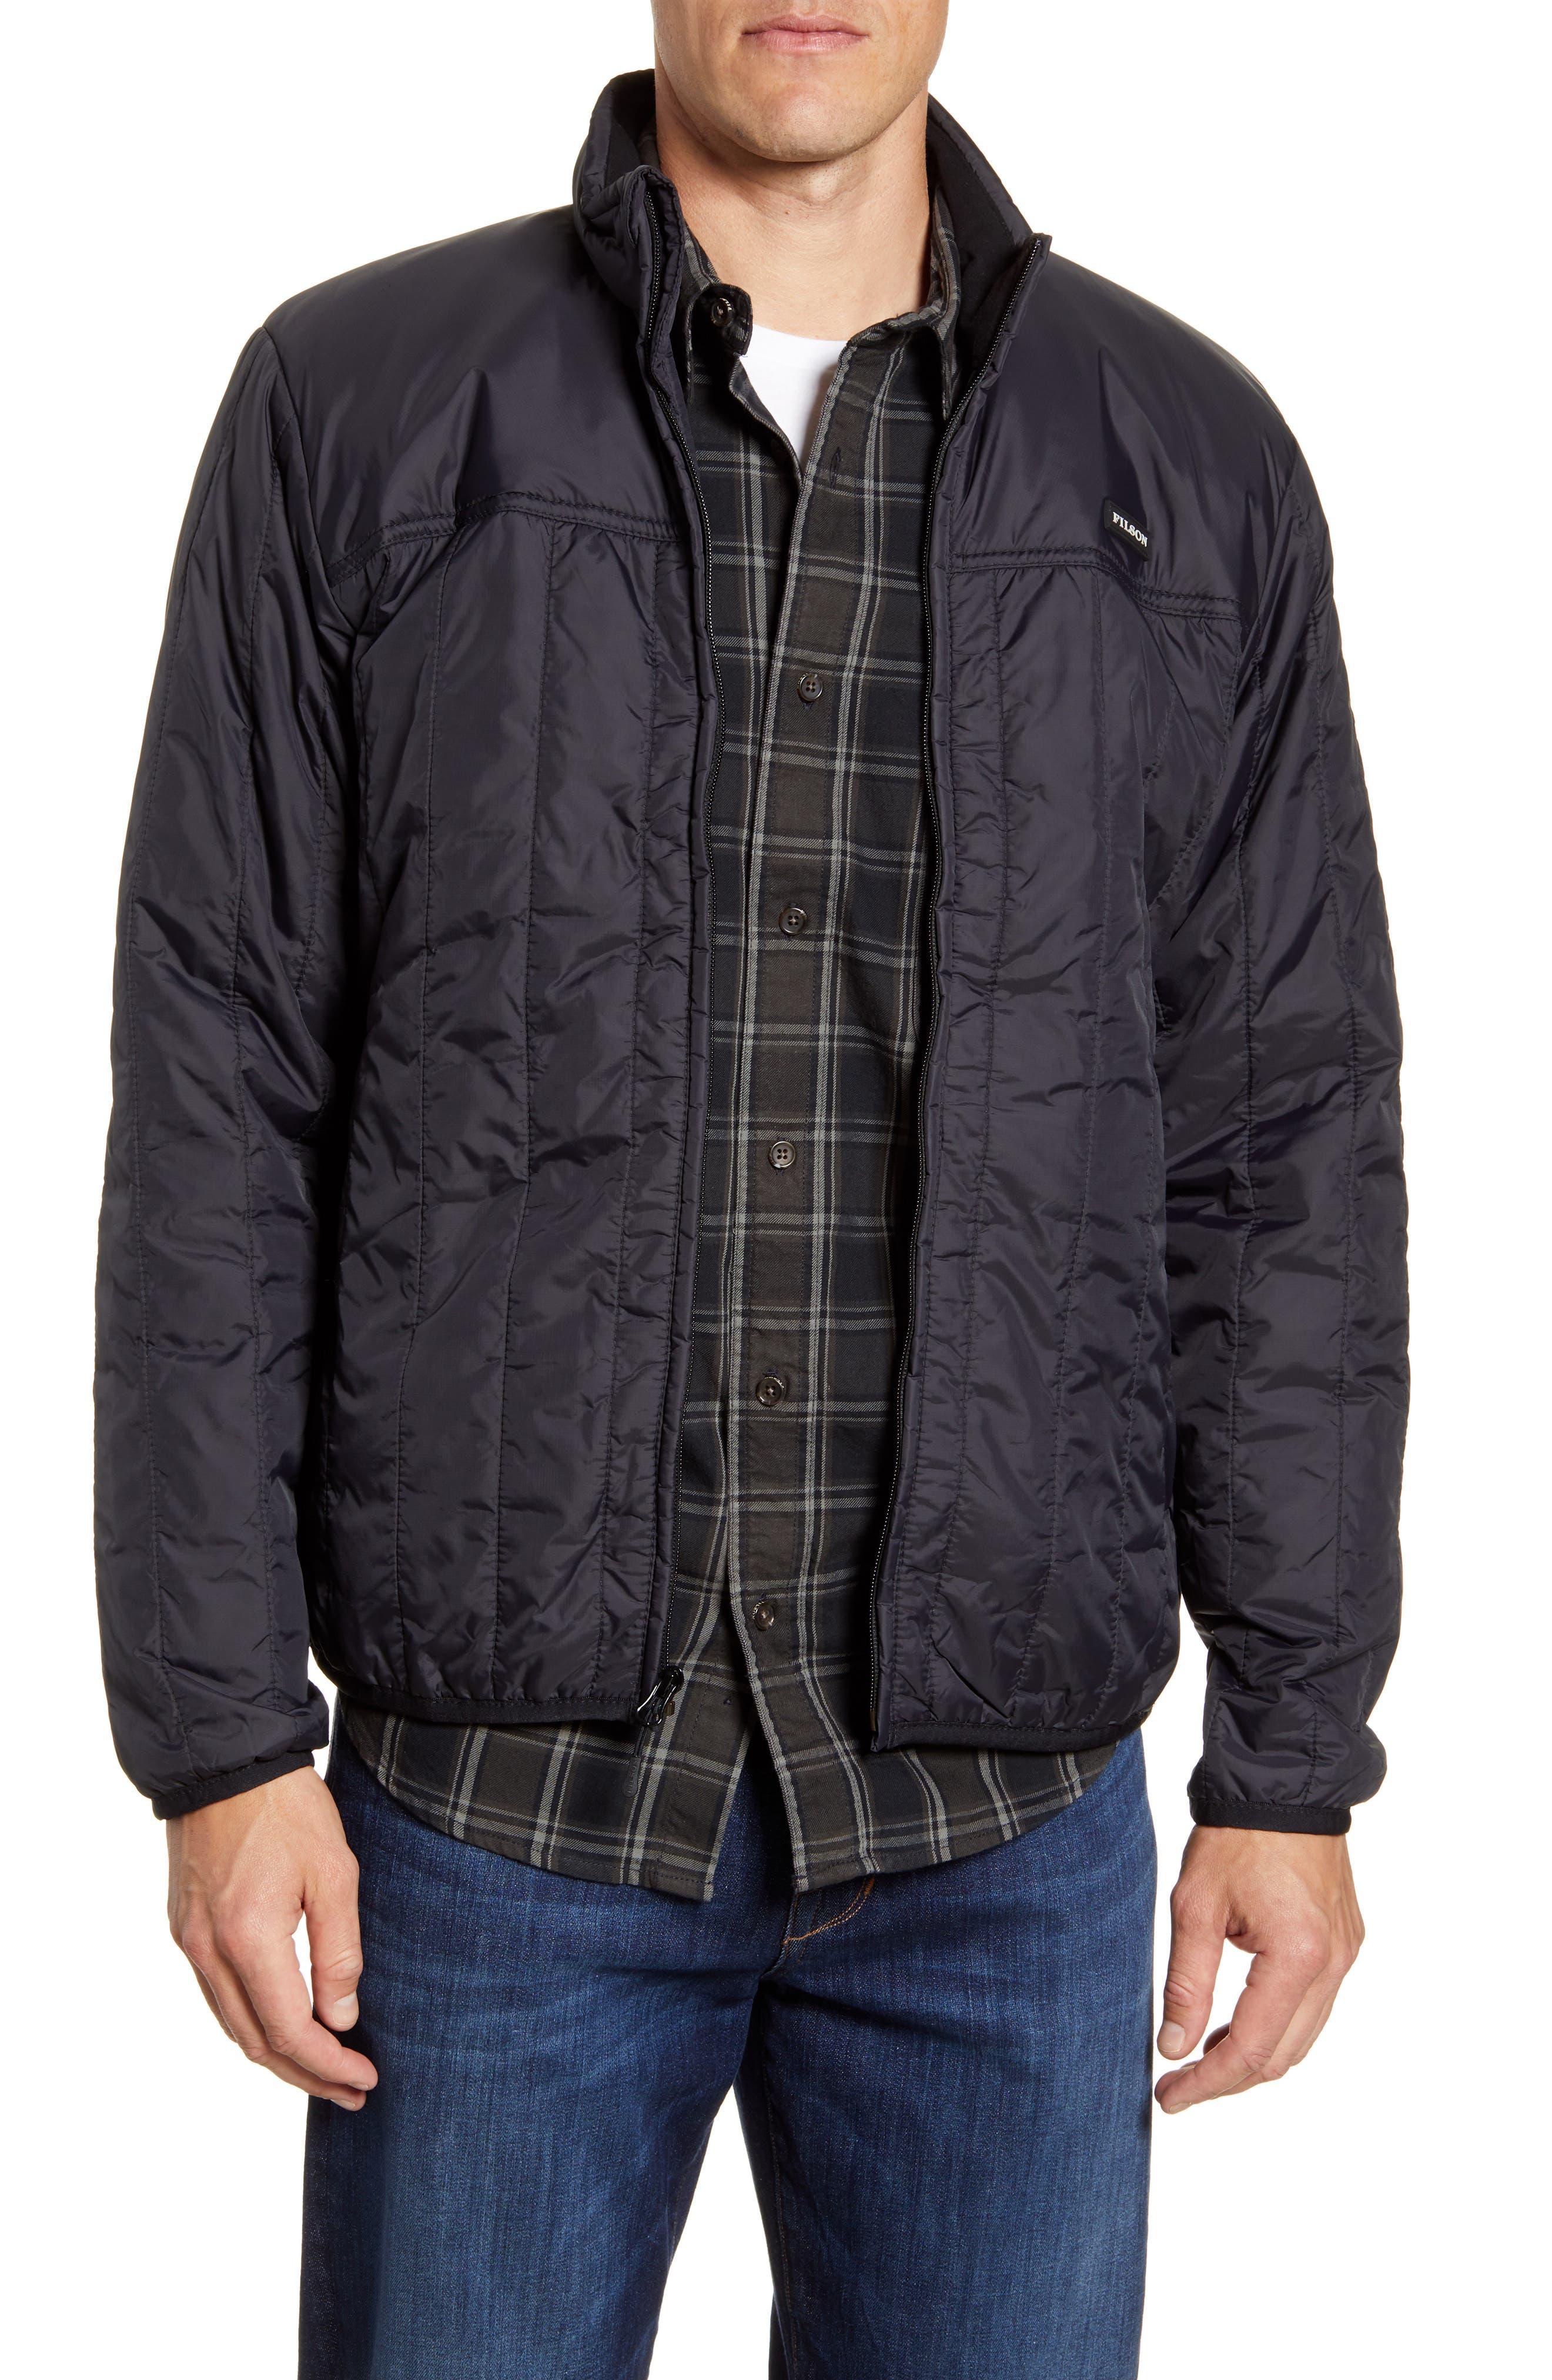 Ultralight Regular Fit Jacket